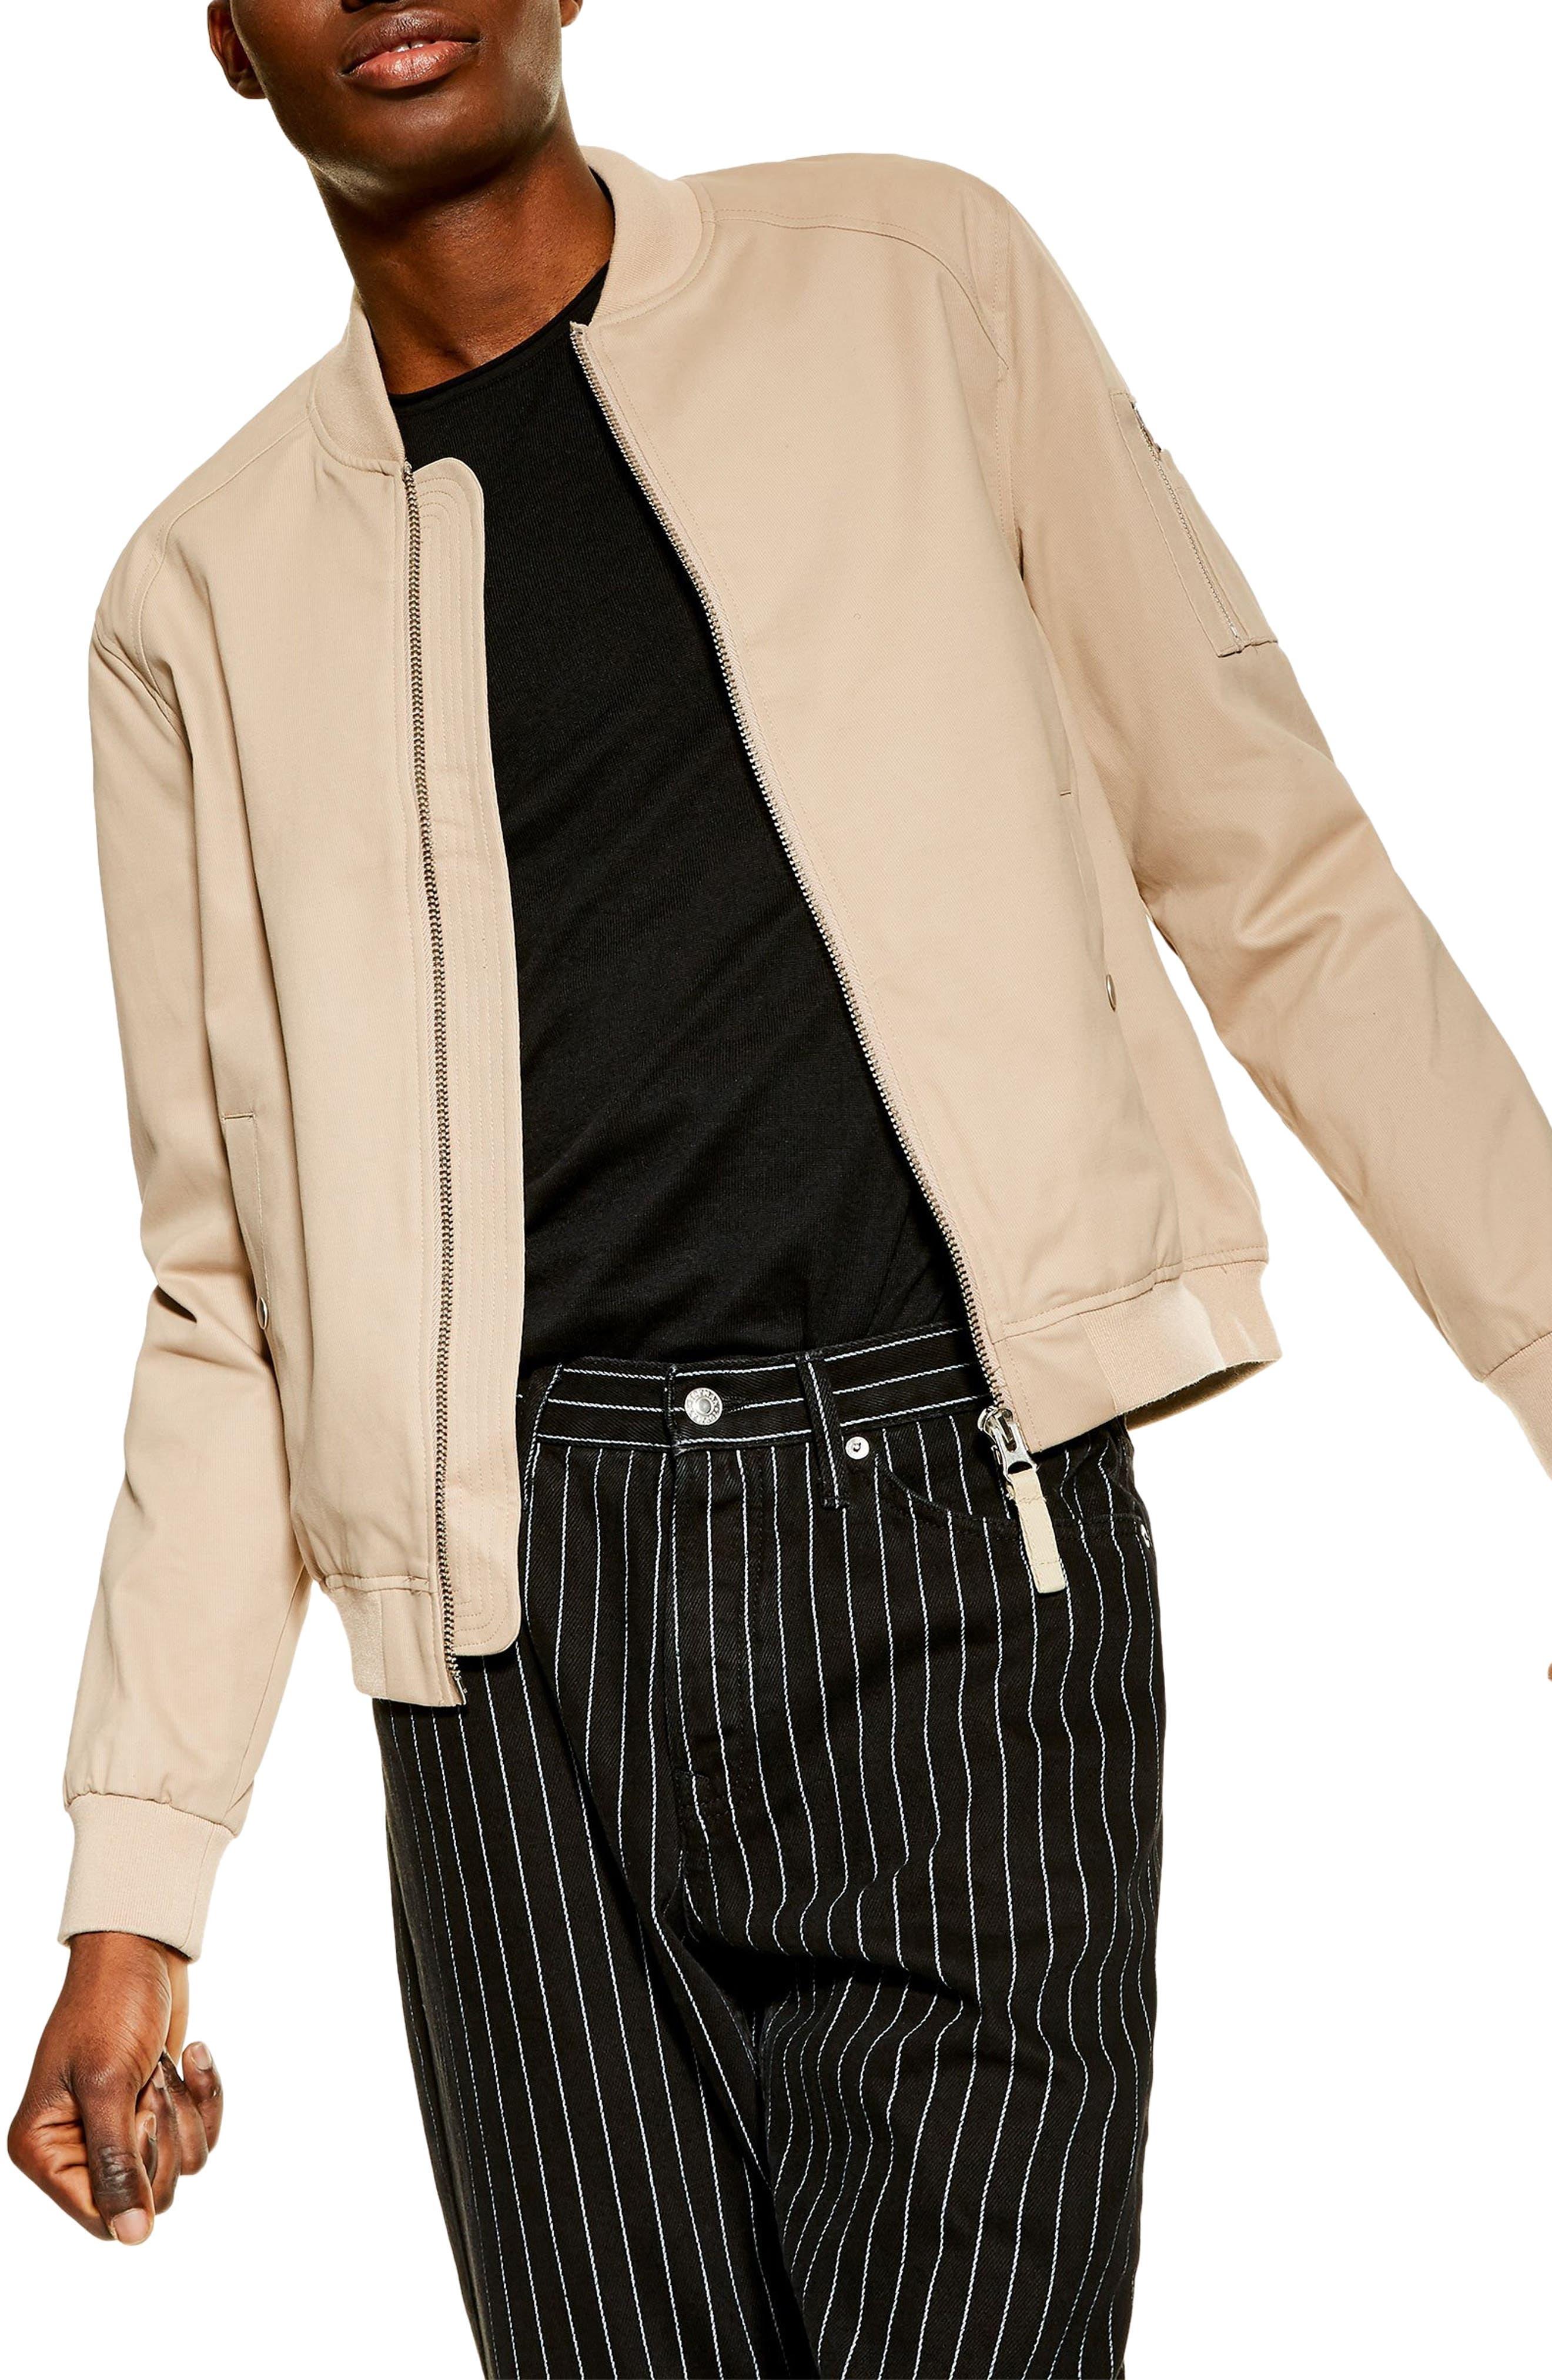 a39bb1951 Men's Topman Coats & Jackets | Nordstrom